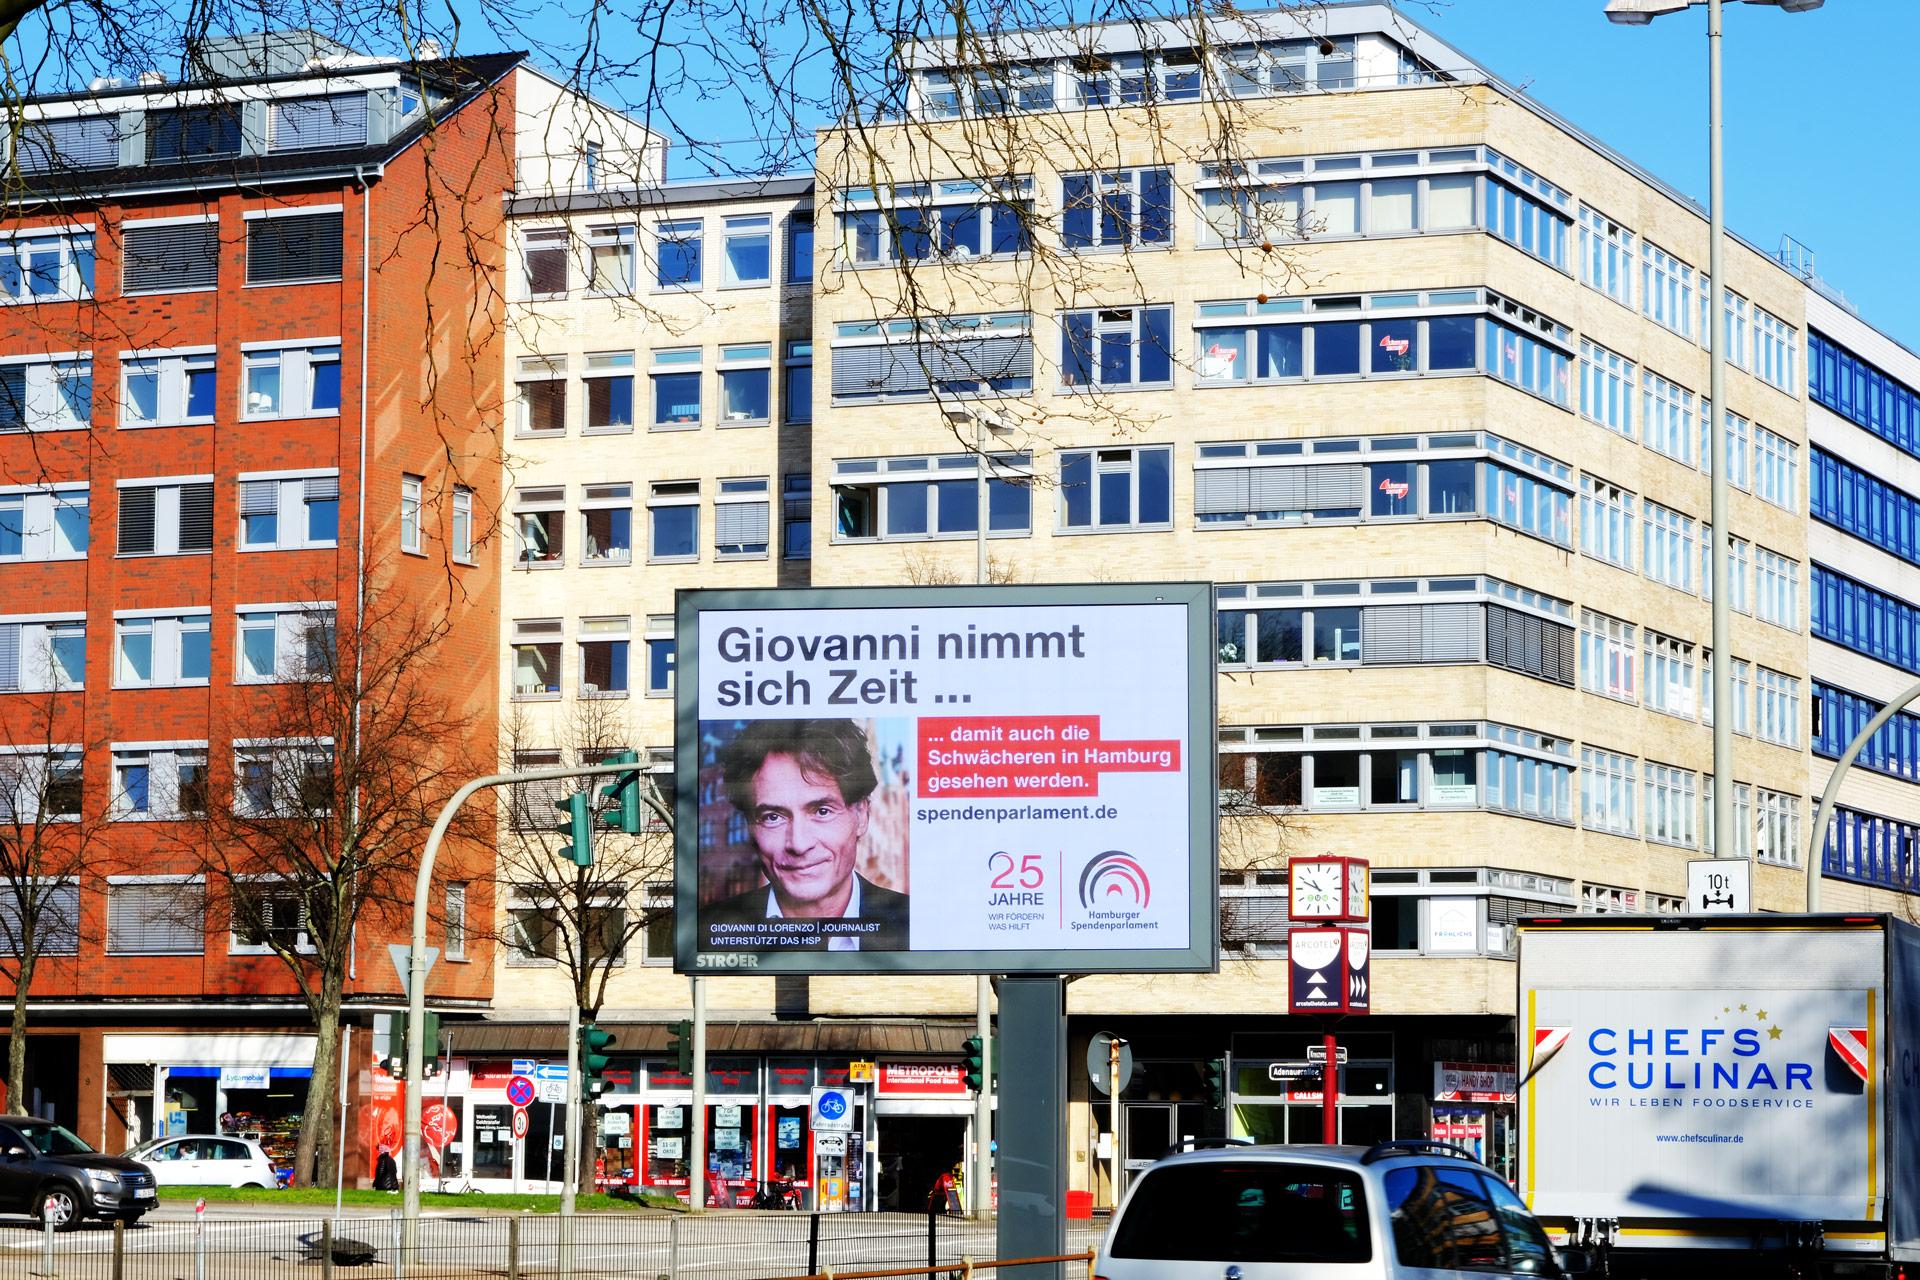 WERK4_Hamburger-Spendenparlament_Giovanni